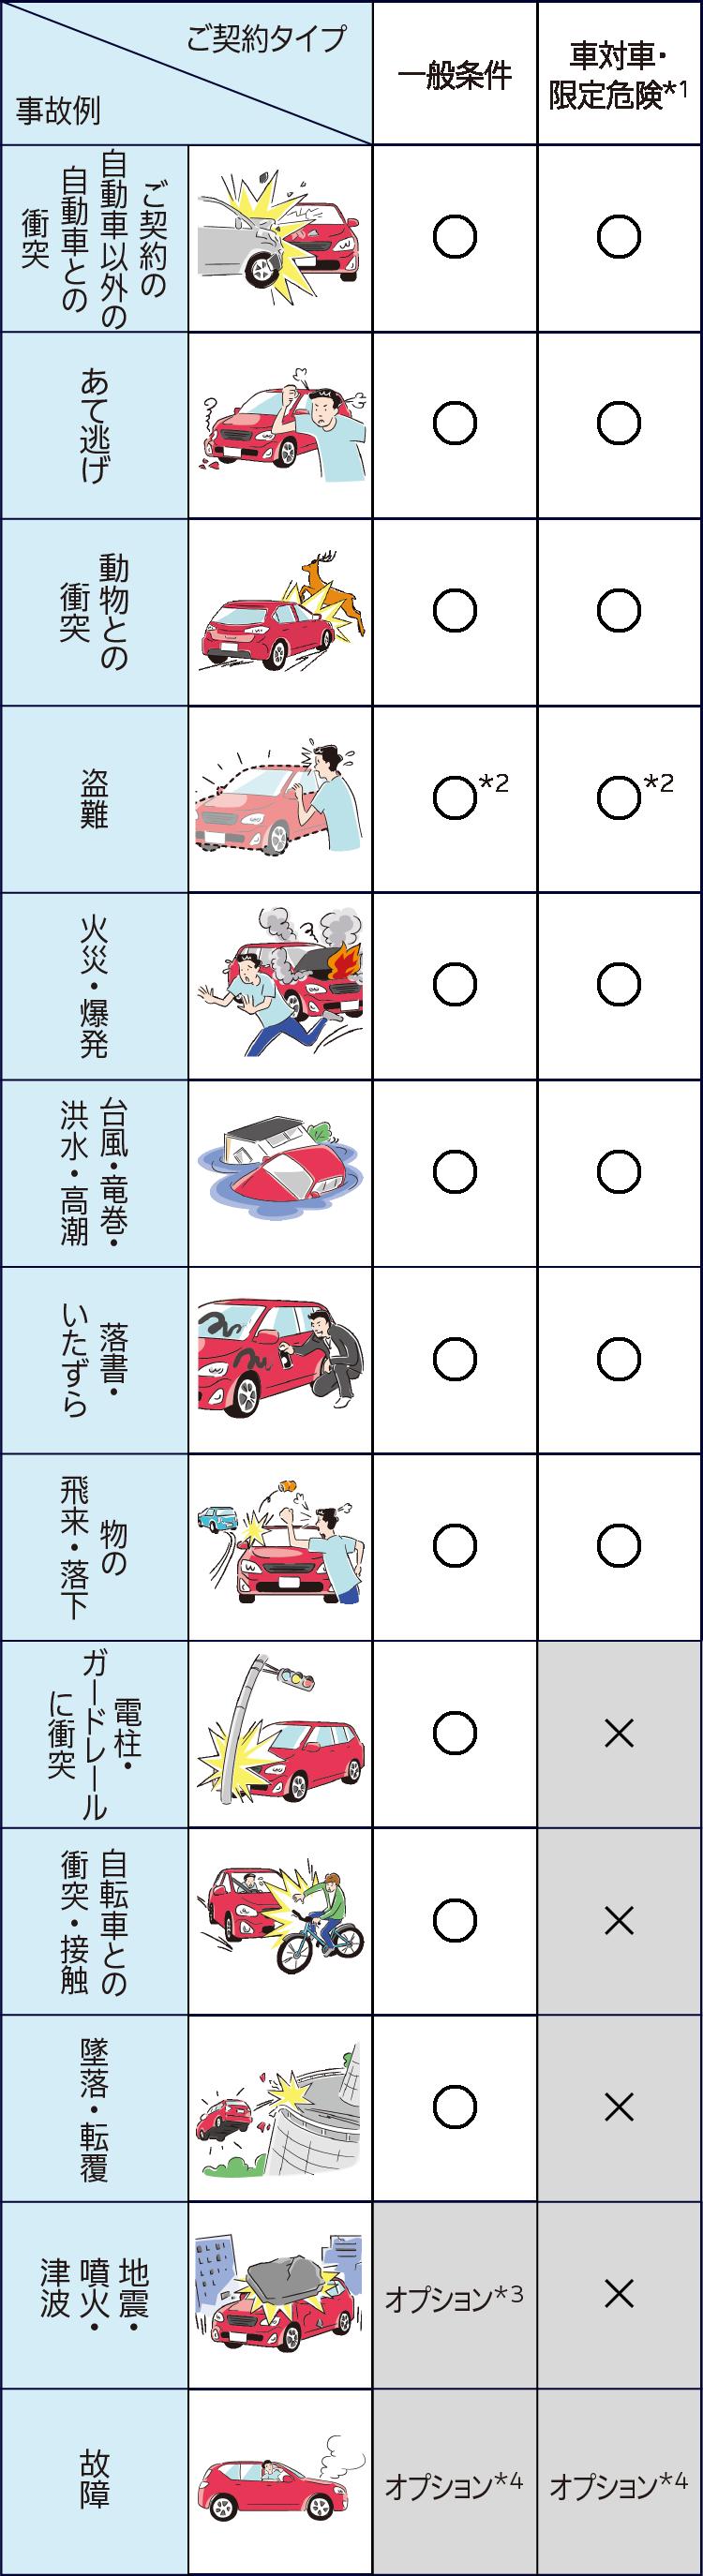 損保 ジャパン クルマ の 保険